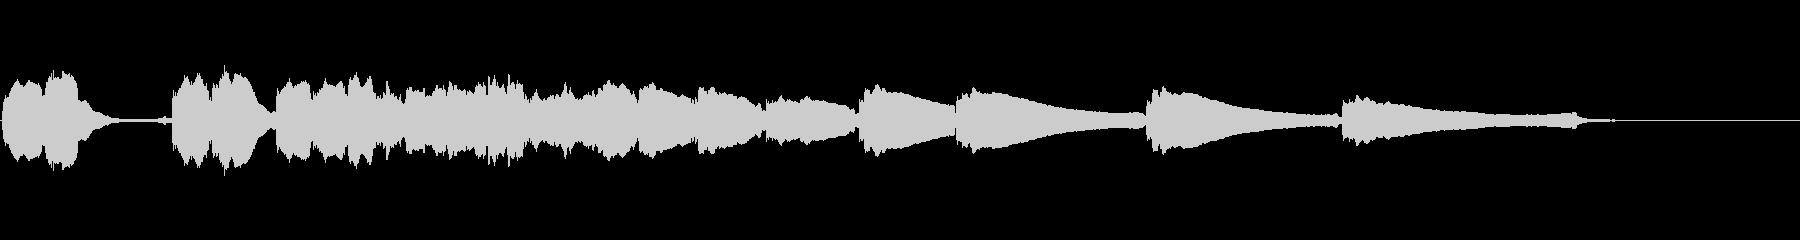 エレキギター6弦チューニング3リバーブの未再生の波形